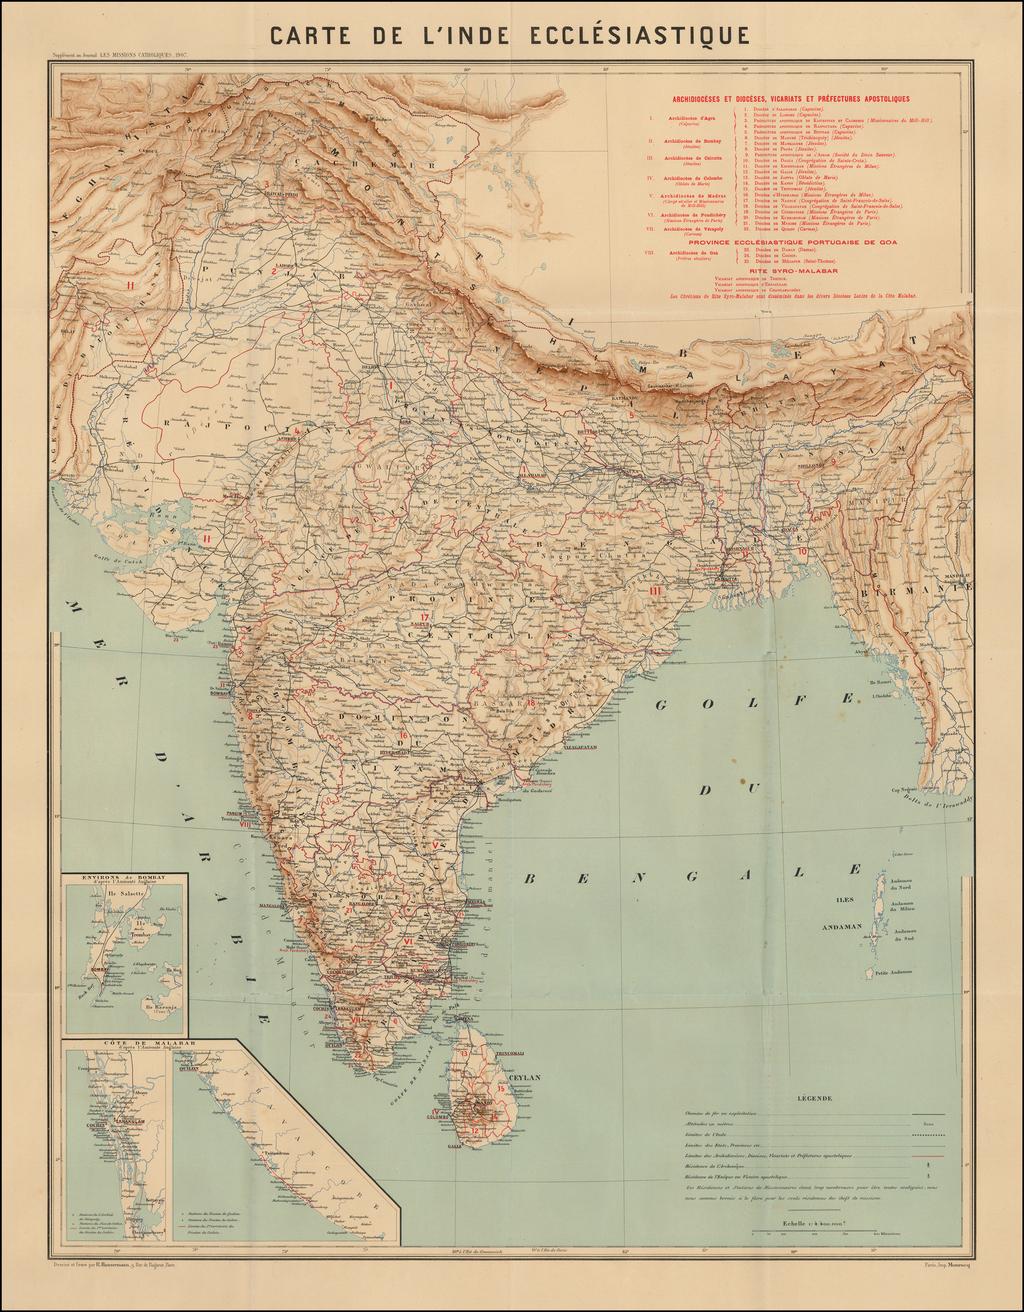 Carte De L'Inde Ecclesiastique By Adrien Launay